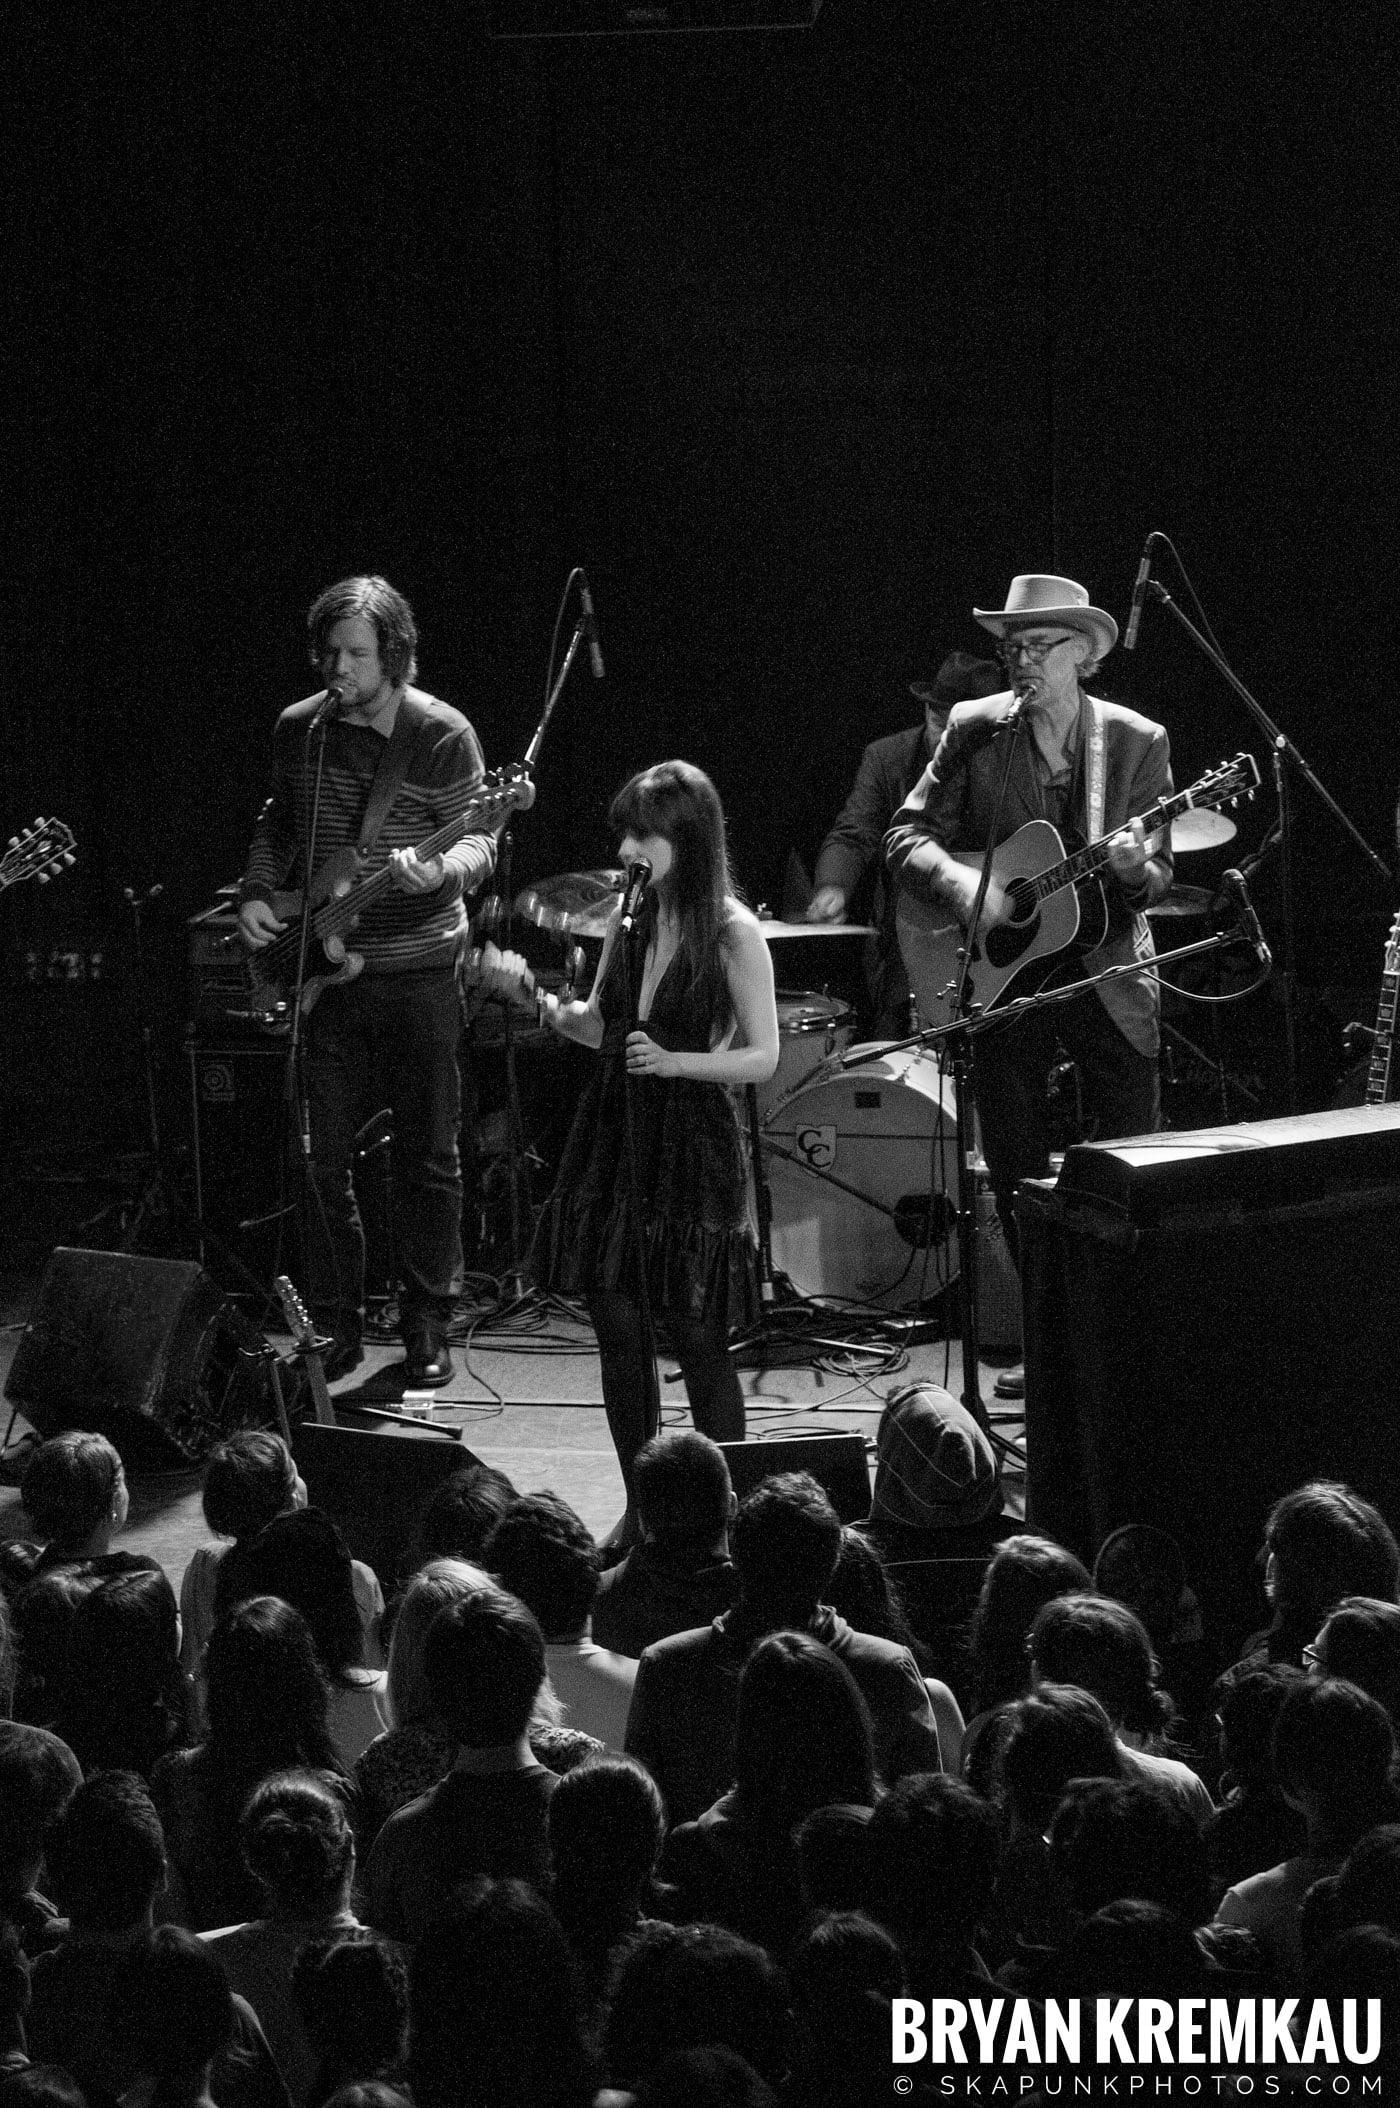 She & Him @ Bowery Ballroom, NYC - 3.29.10 (14)